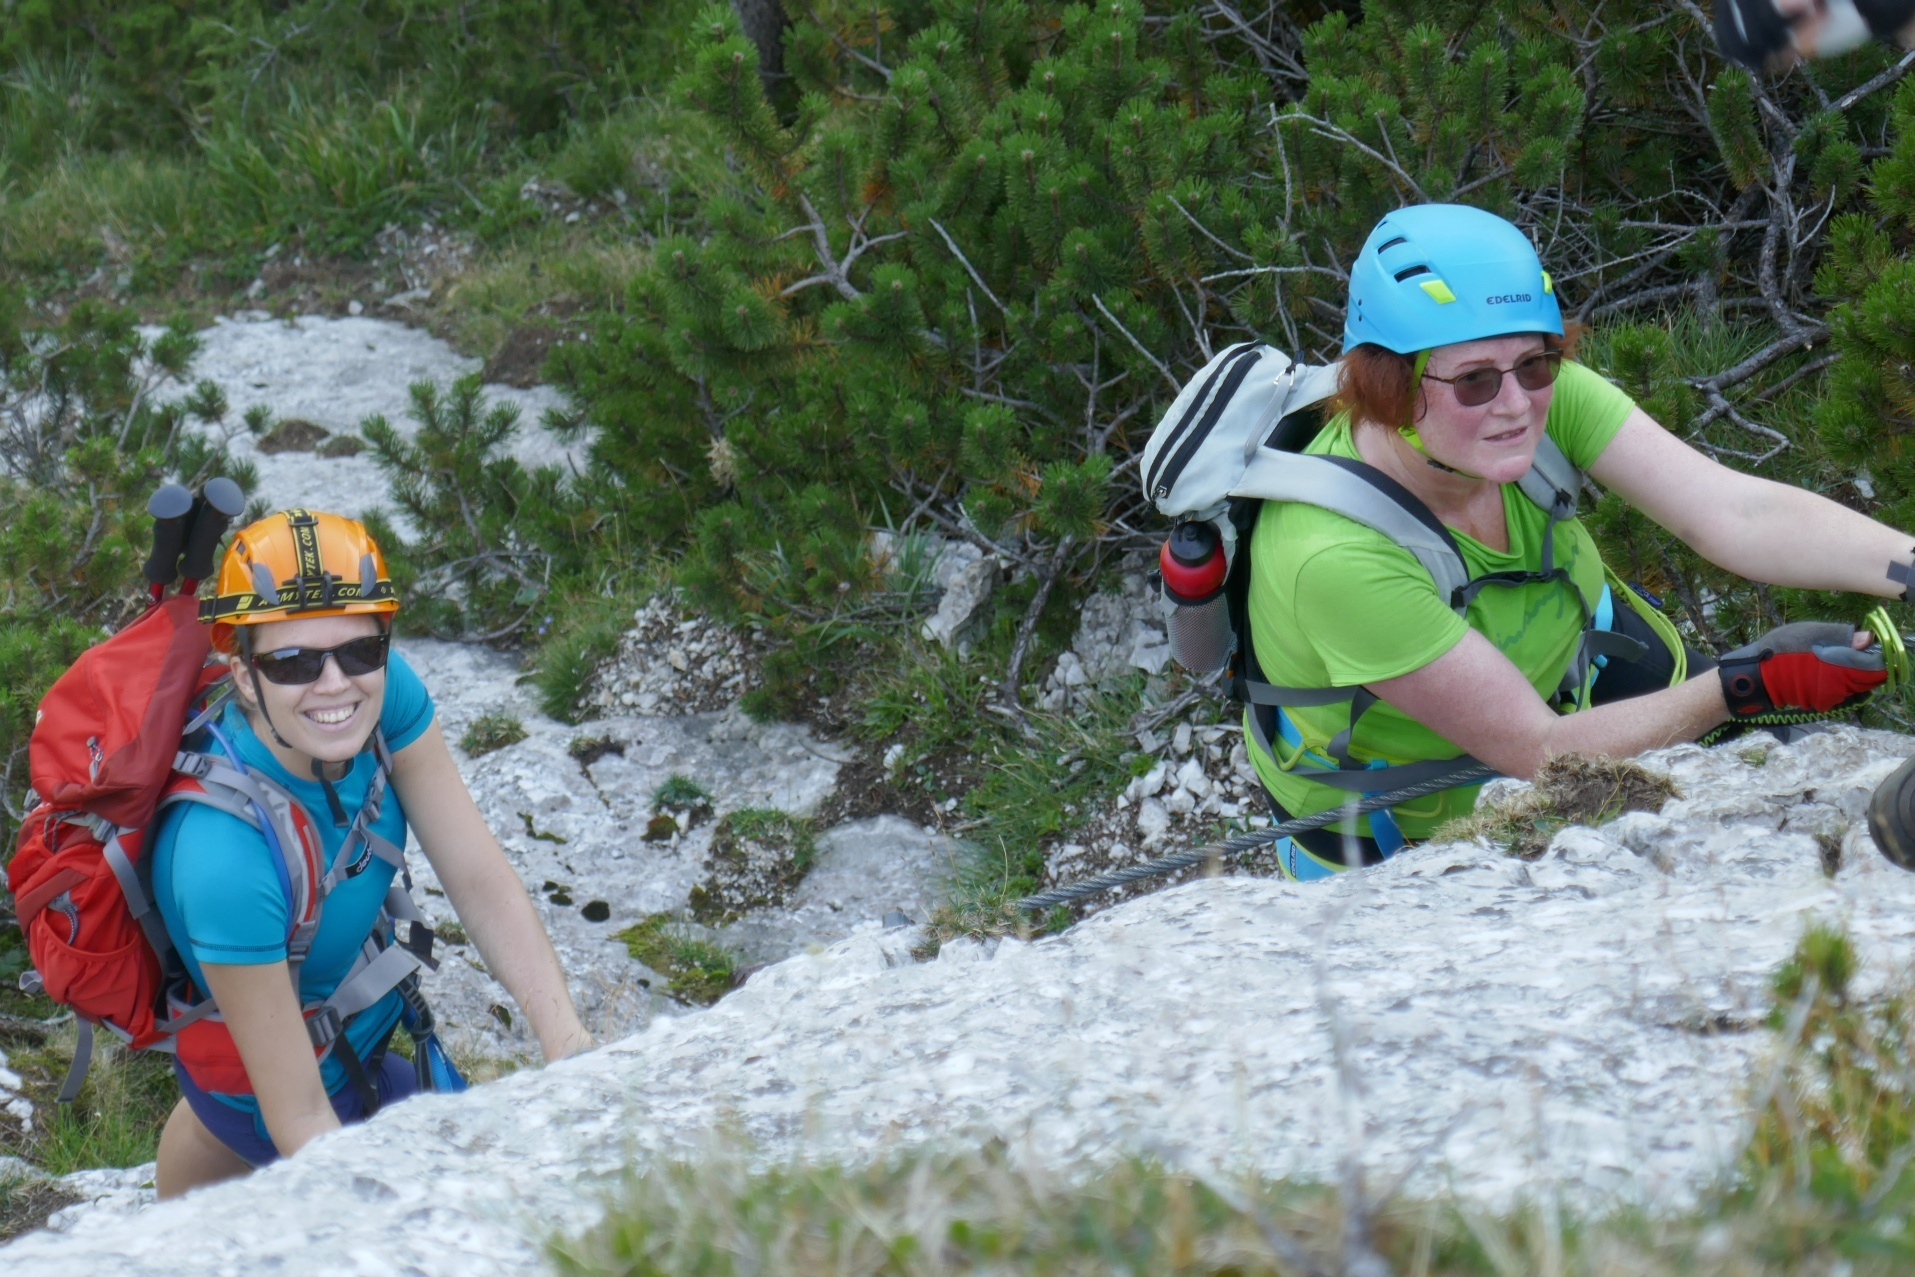 Klettersteig Katrin : Katrin klettersteig mit michelle mama clara und georg potassiums